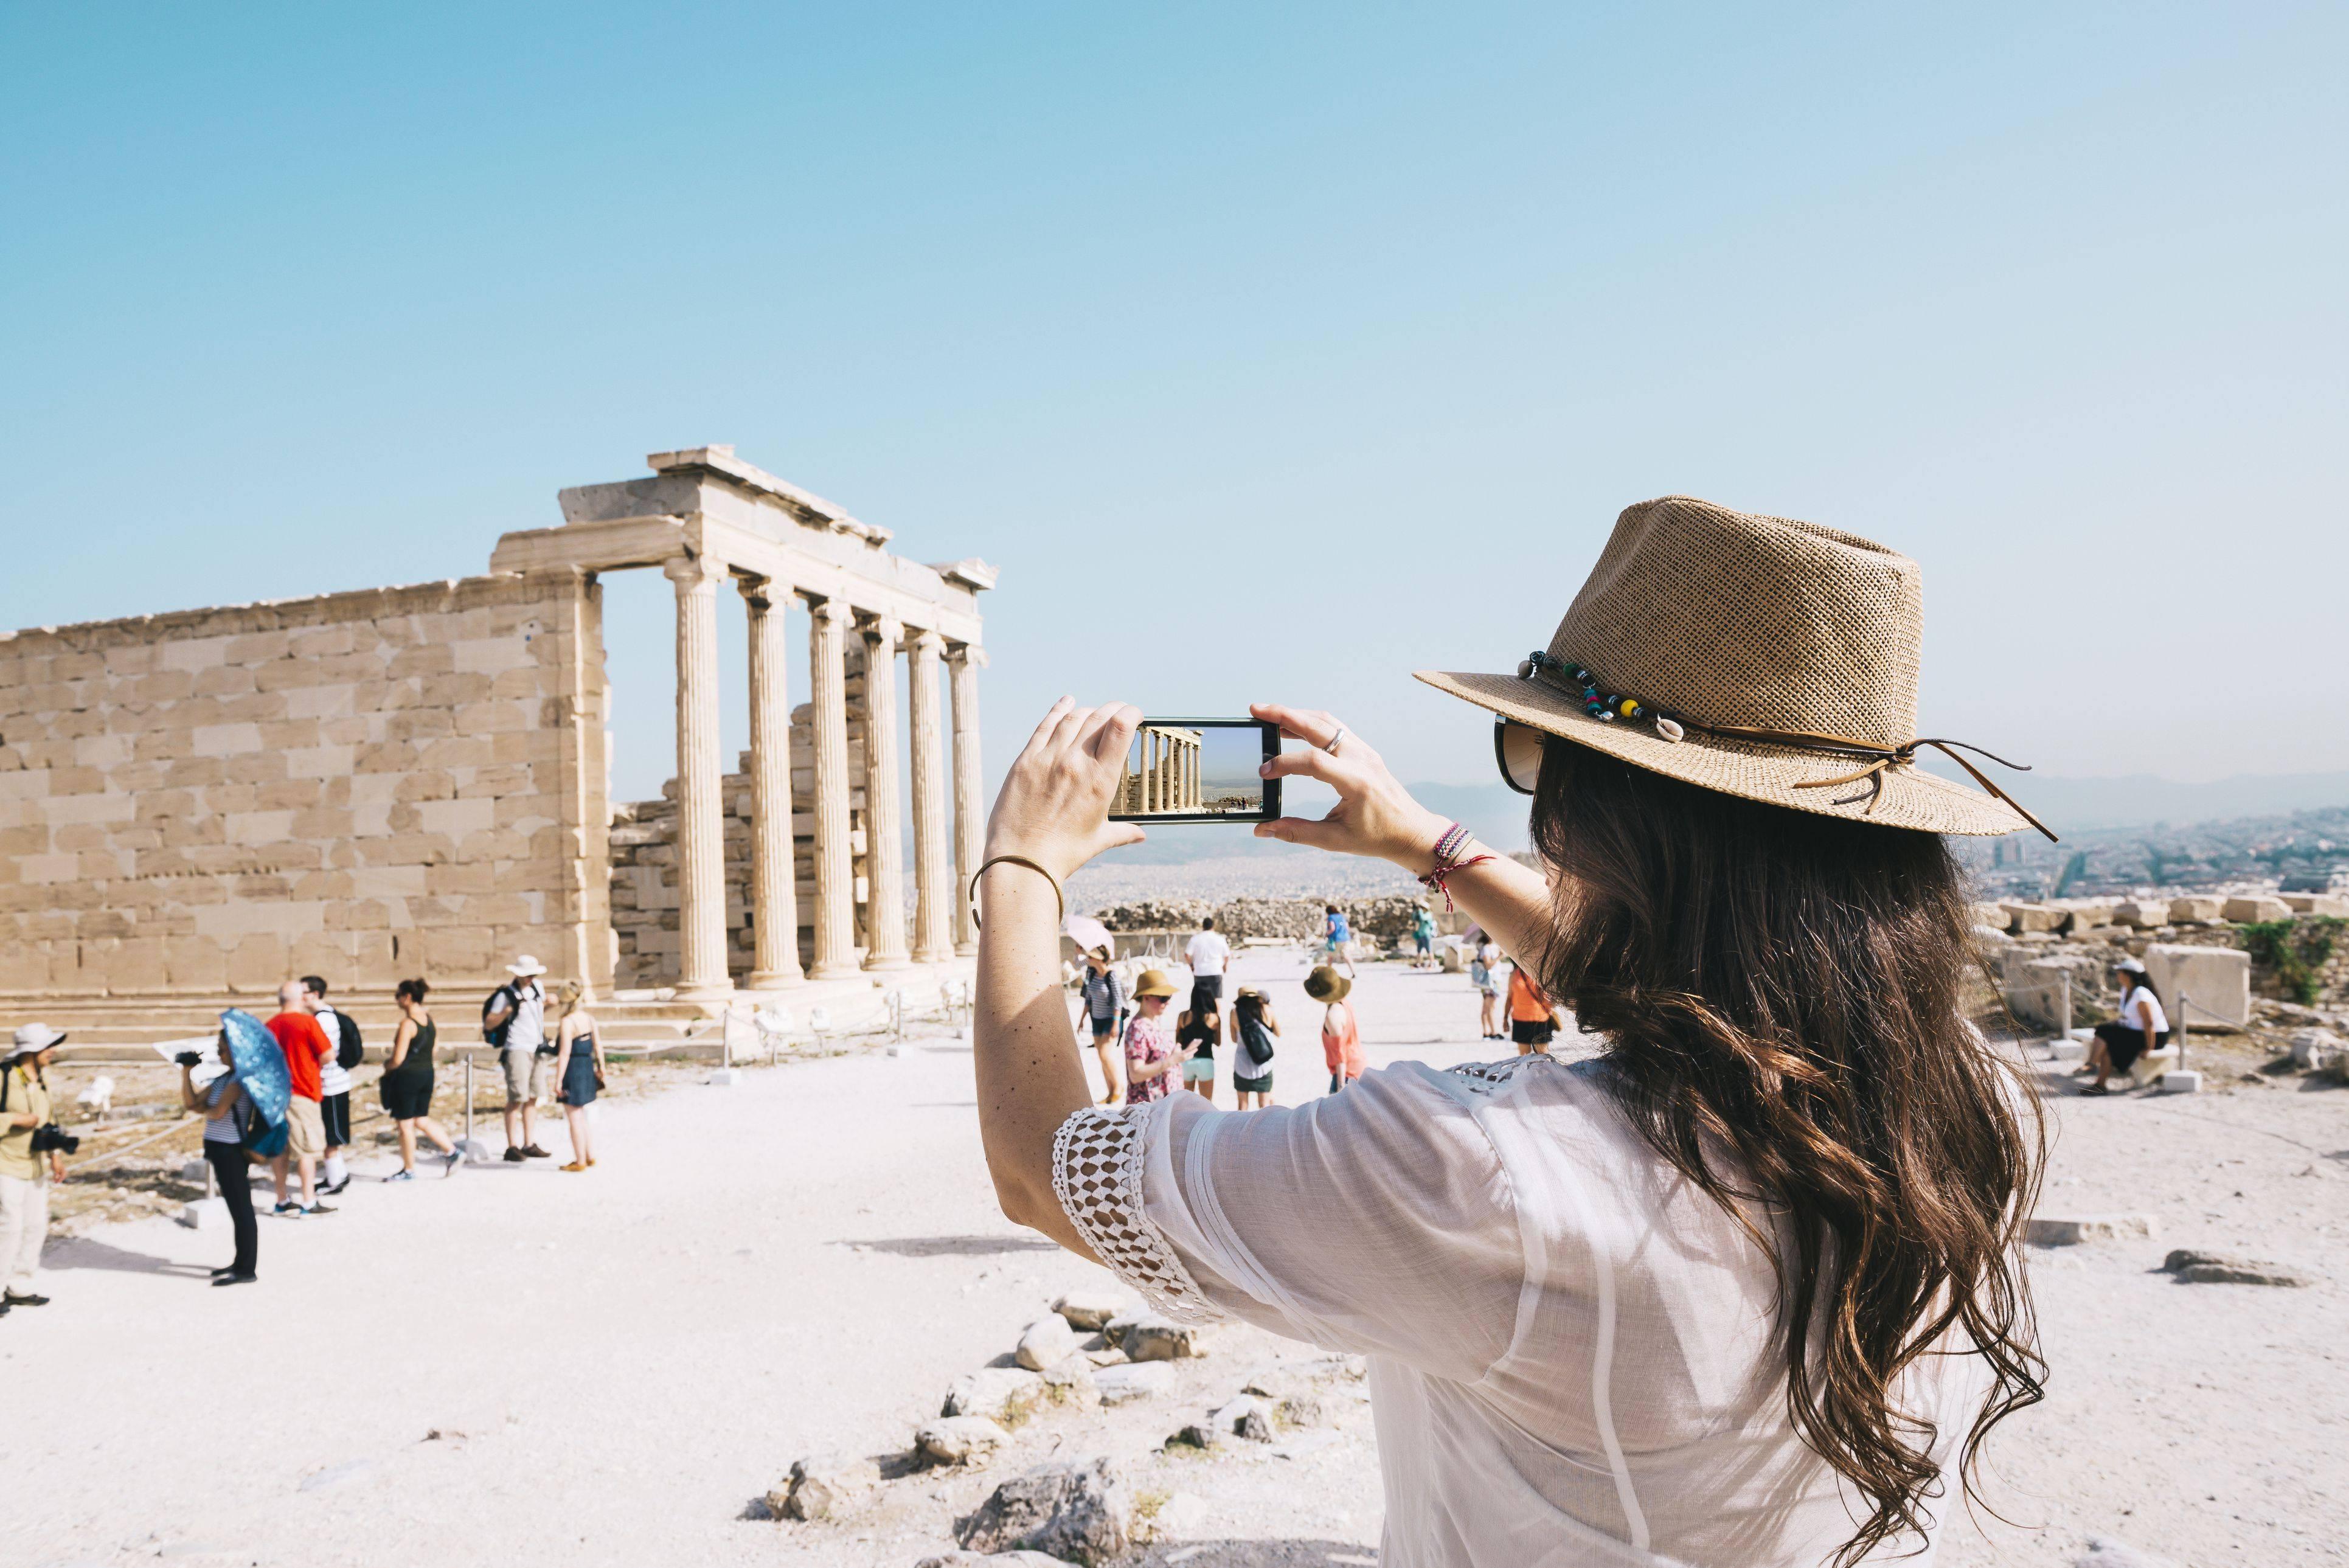 Работа в греции в 2021 году по контракту: востребованные вакансии